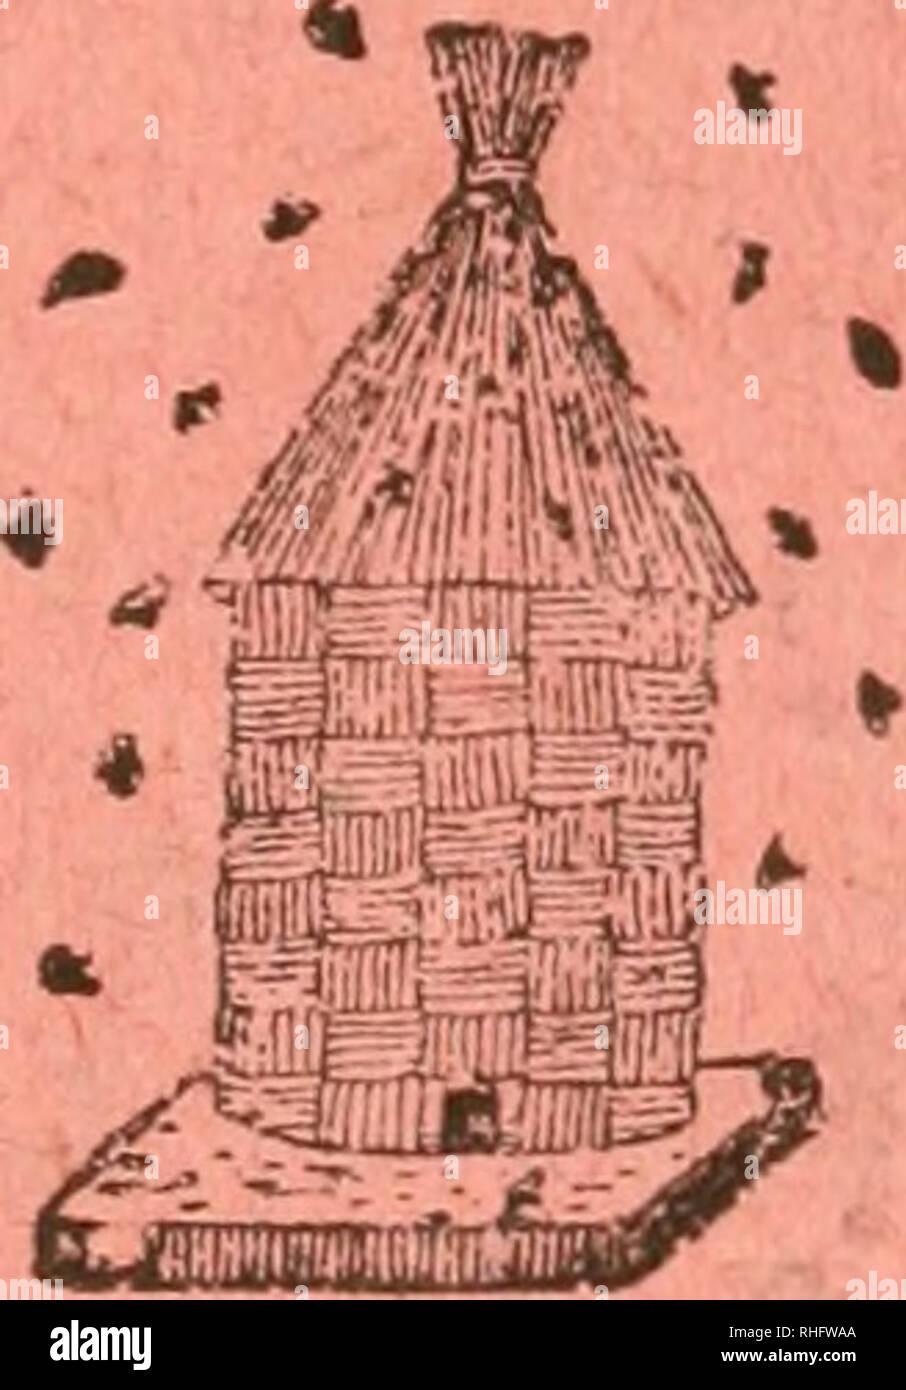 . - Boletà n de la Sociedad entomológica de España. Entomologie; Insekten. -^. Tomo V Junior - Mayo de 1922 Núms. 6-7 Entomológica BOLETÃN DE LA Sociedad de España Fundada el Q de Enero de 1918. ^^ â' Laboure et ordine SUMARIO Sección oficial. Sesiones celebradas El 2 de Oct y 2 de Mayo de 1922. f Comunioaclones. âCatálogo sistemático geográflco de los Coleóp - teros observados penà nsula de la - ibérica, Pirineos propiamente dichos y Baleares (continuación), Rdo. D. José María-a de la Fuente y Morales, PresbÃ-tero. âÃAs excursiones entomológicas durante El Verano de 1921 por e Stockfoto